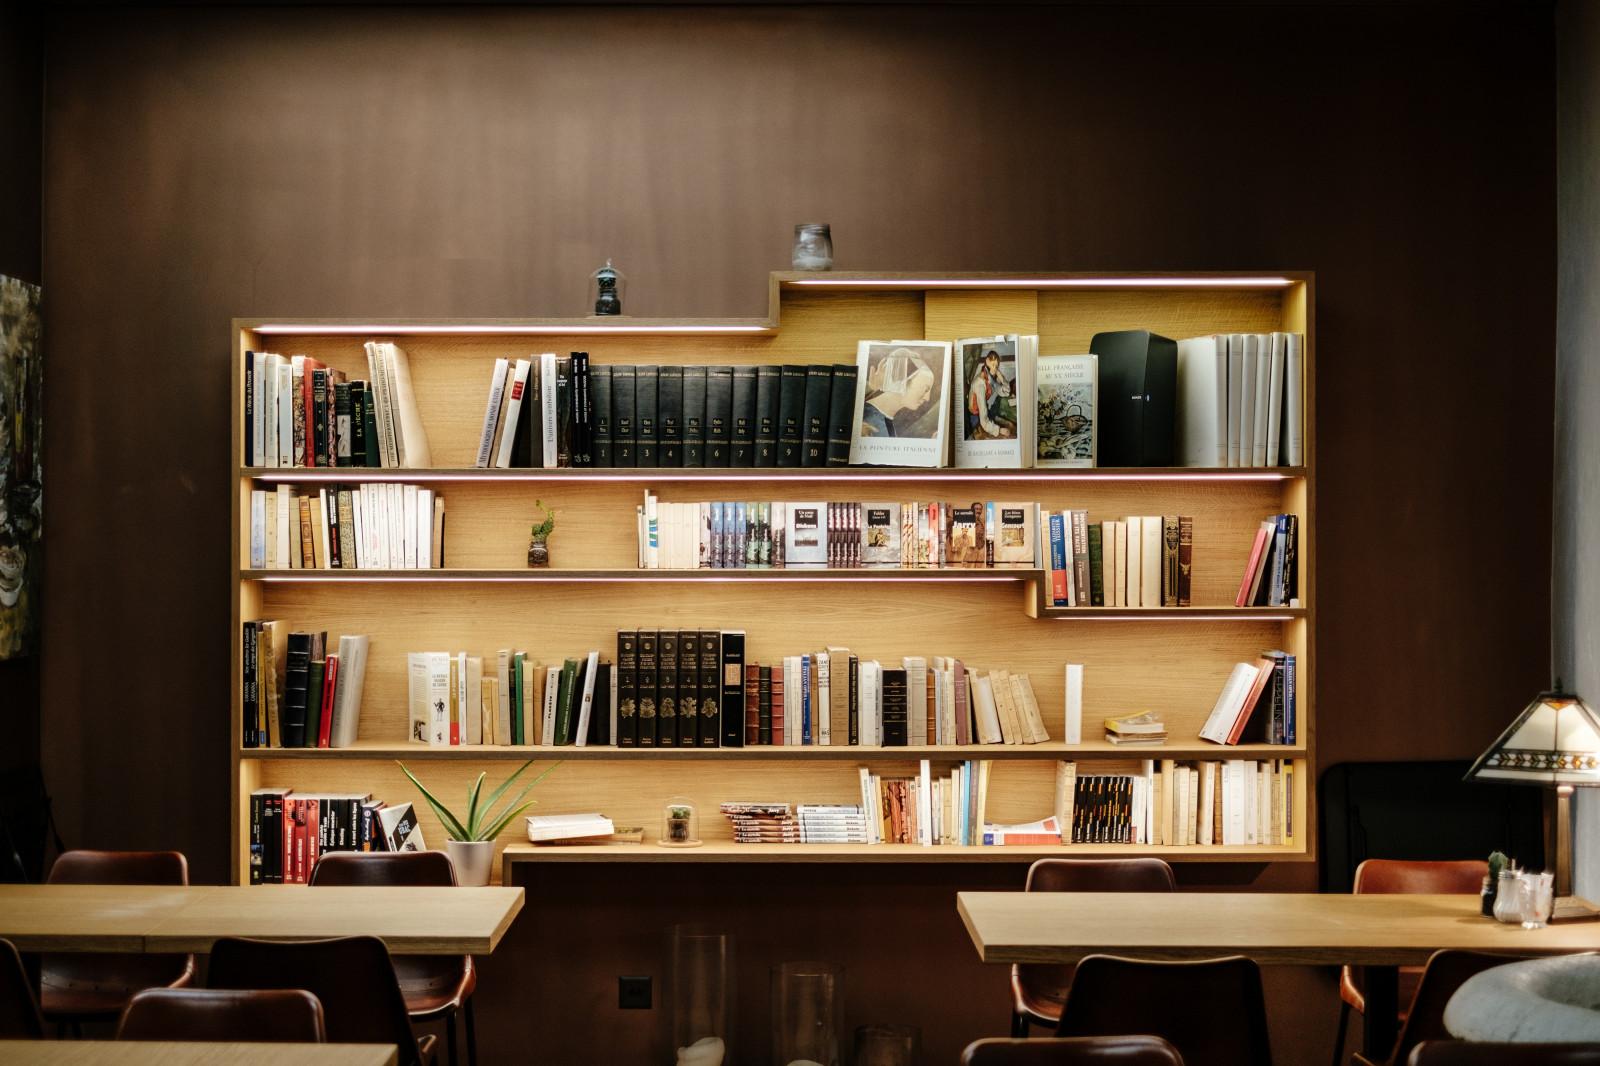 Fondos de pantalla habitaci n libros casa silla - Libros de diseno de interiores ...